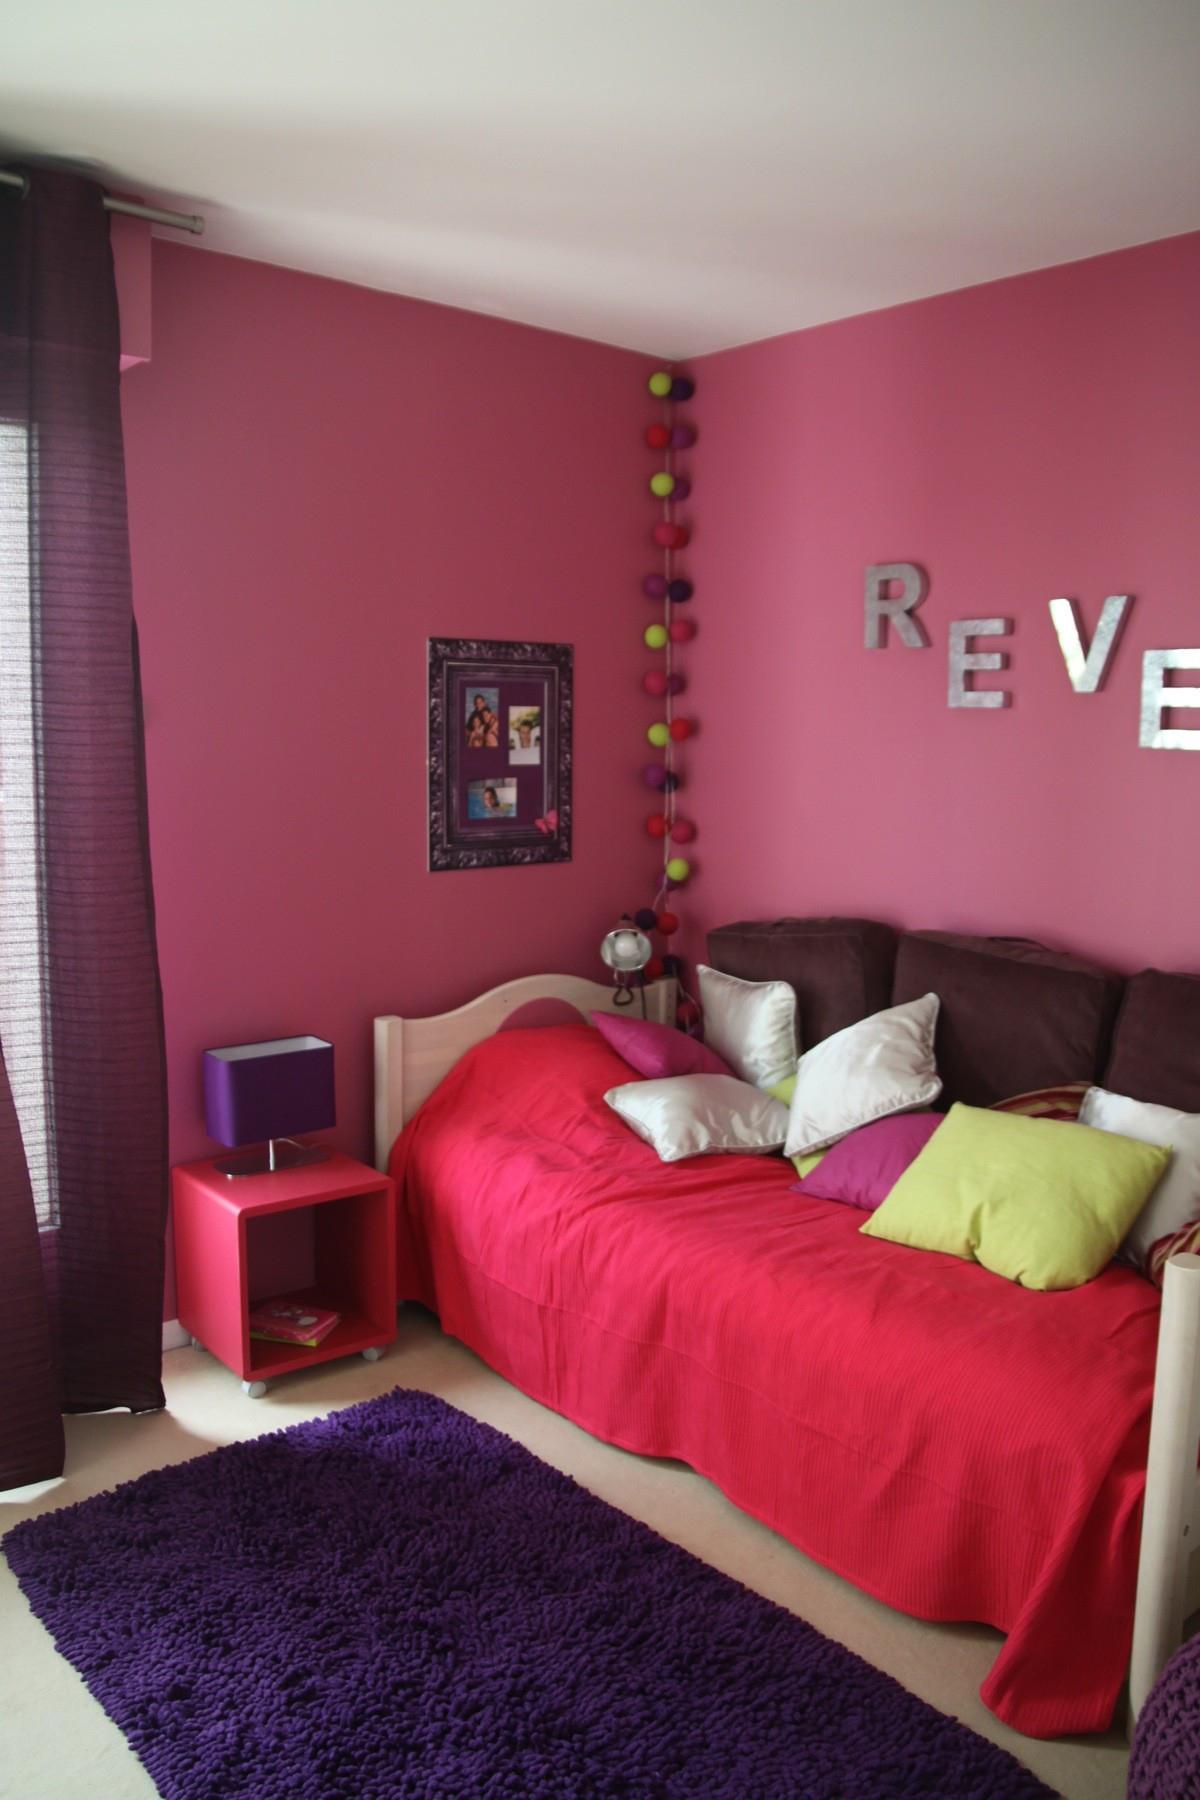 chambre violet gris l gant stock chambre blanche et rose image couleur rose fushia chambre. Black Bedroom Furniture Sets. Home Design Ideas